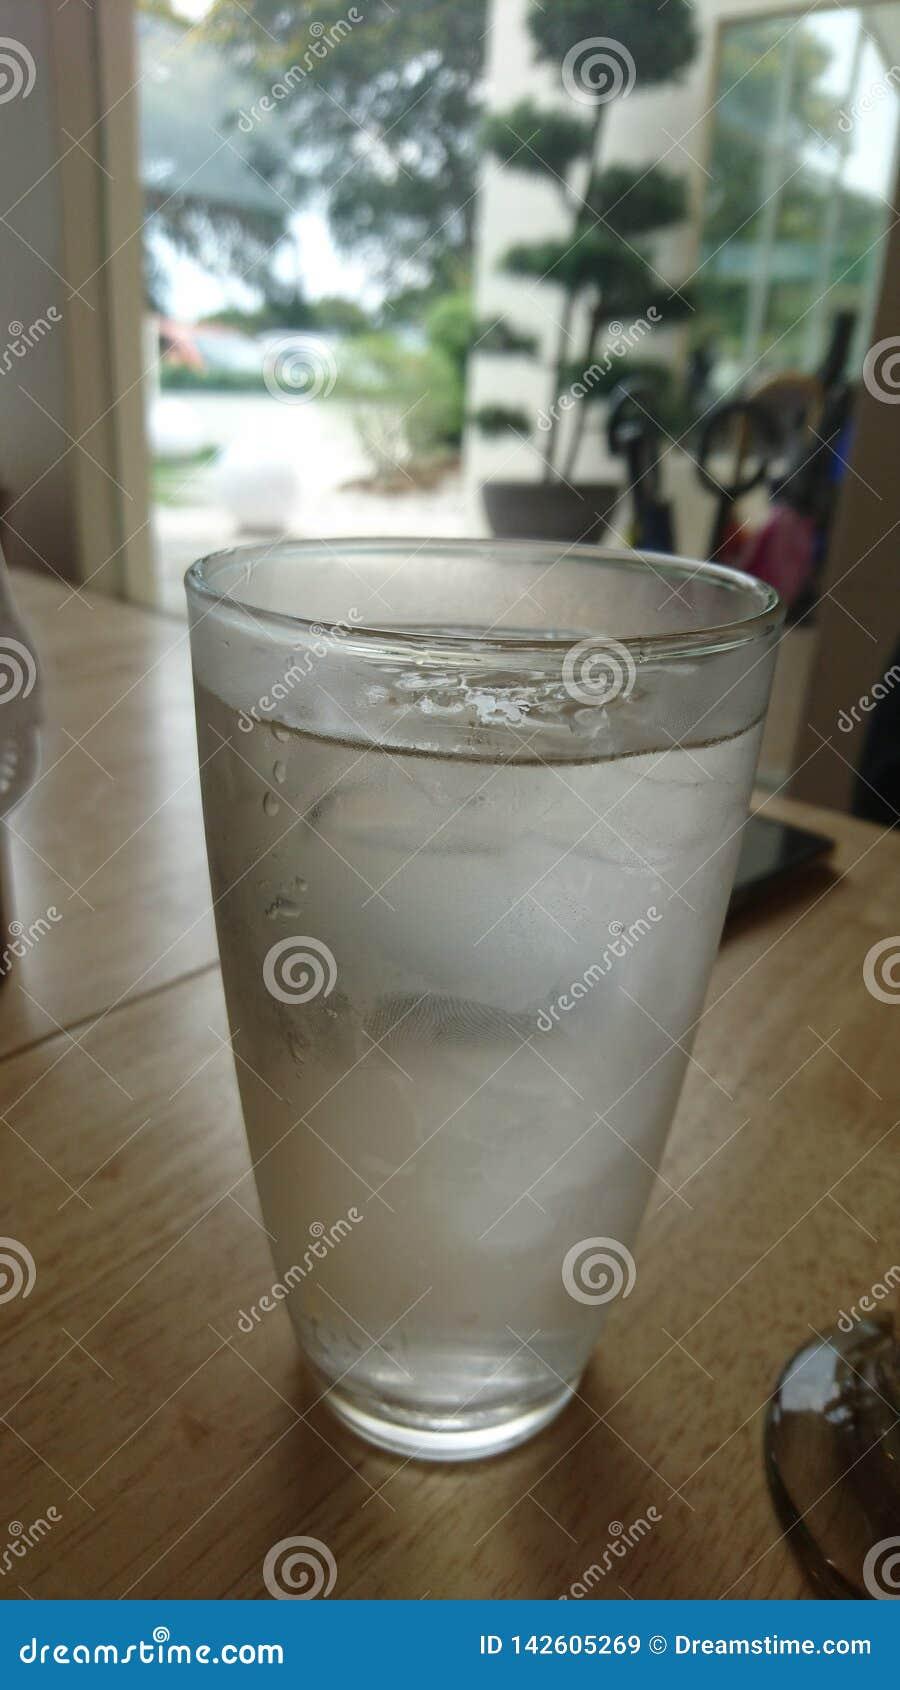 En kopp av kallt vatten som ska kylas